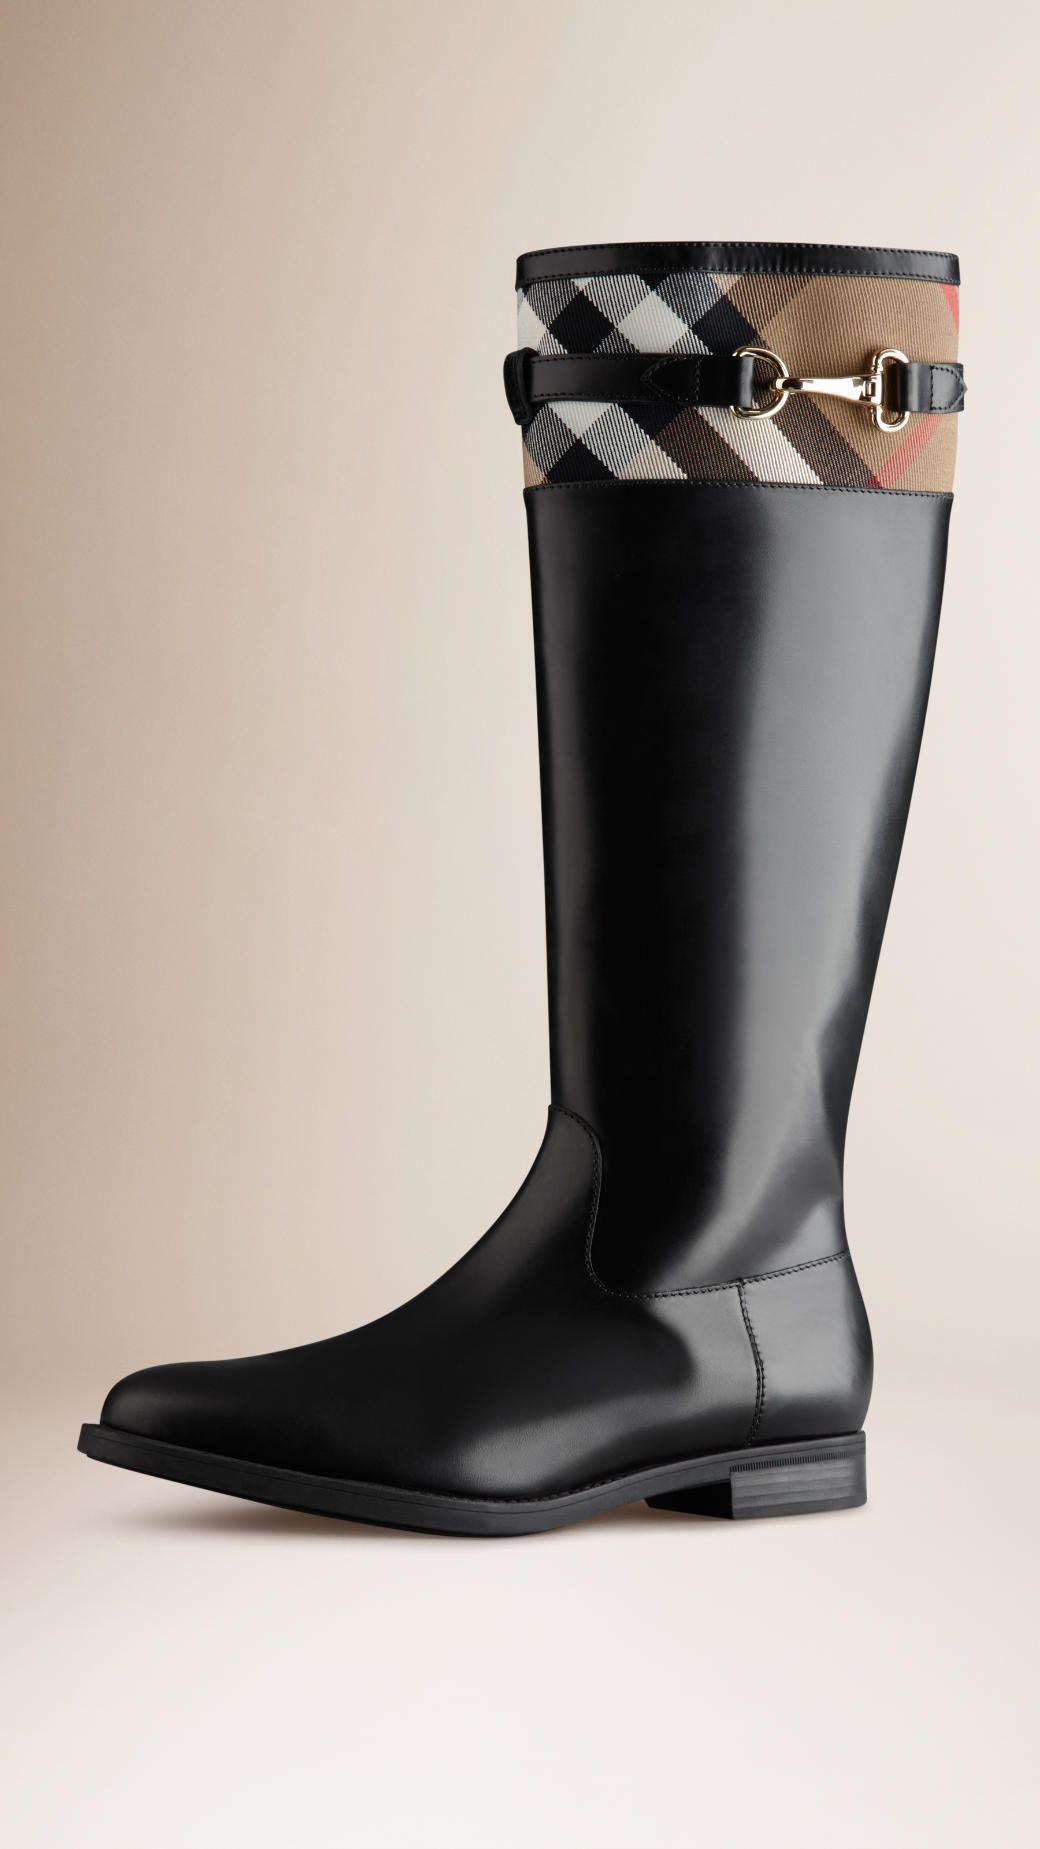 bottes cavalières avec motif house check (noir) - femme | burberry